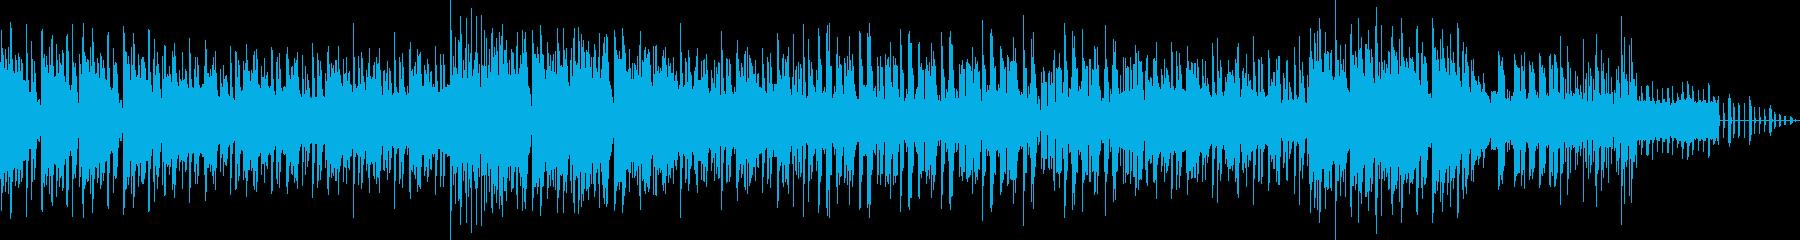 ノワール意識のヘビーで光沢のあるロックの再生済みの波形